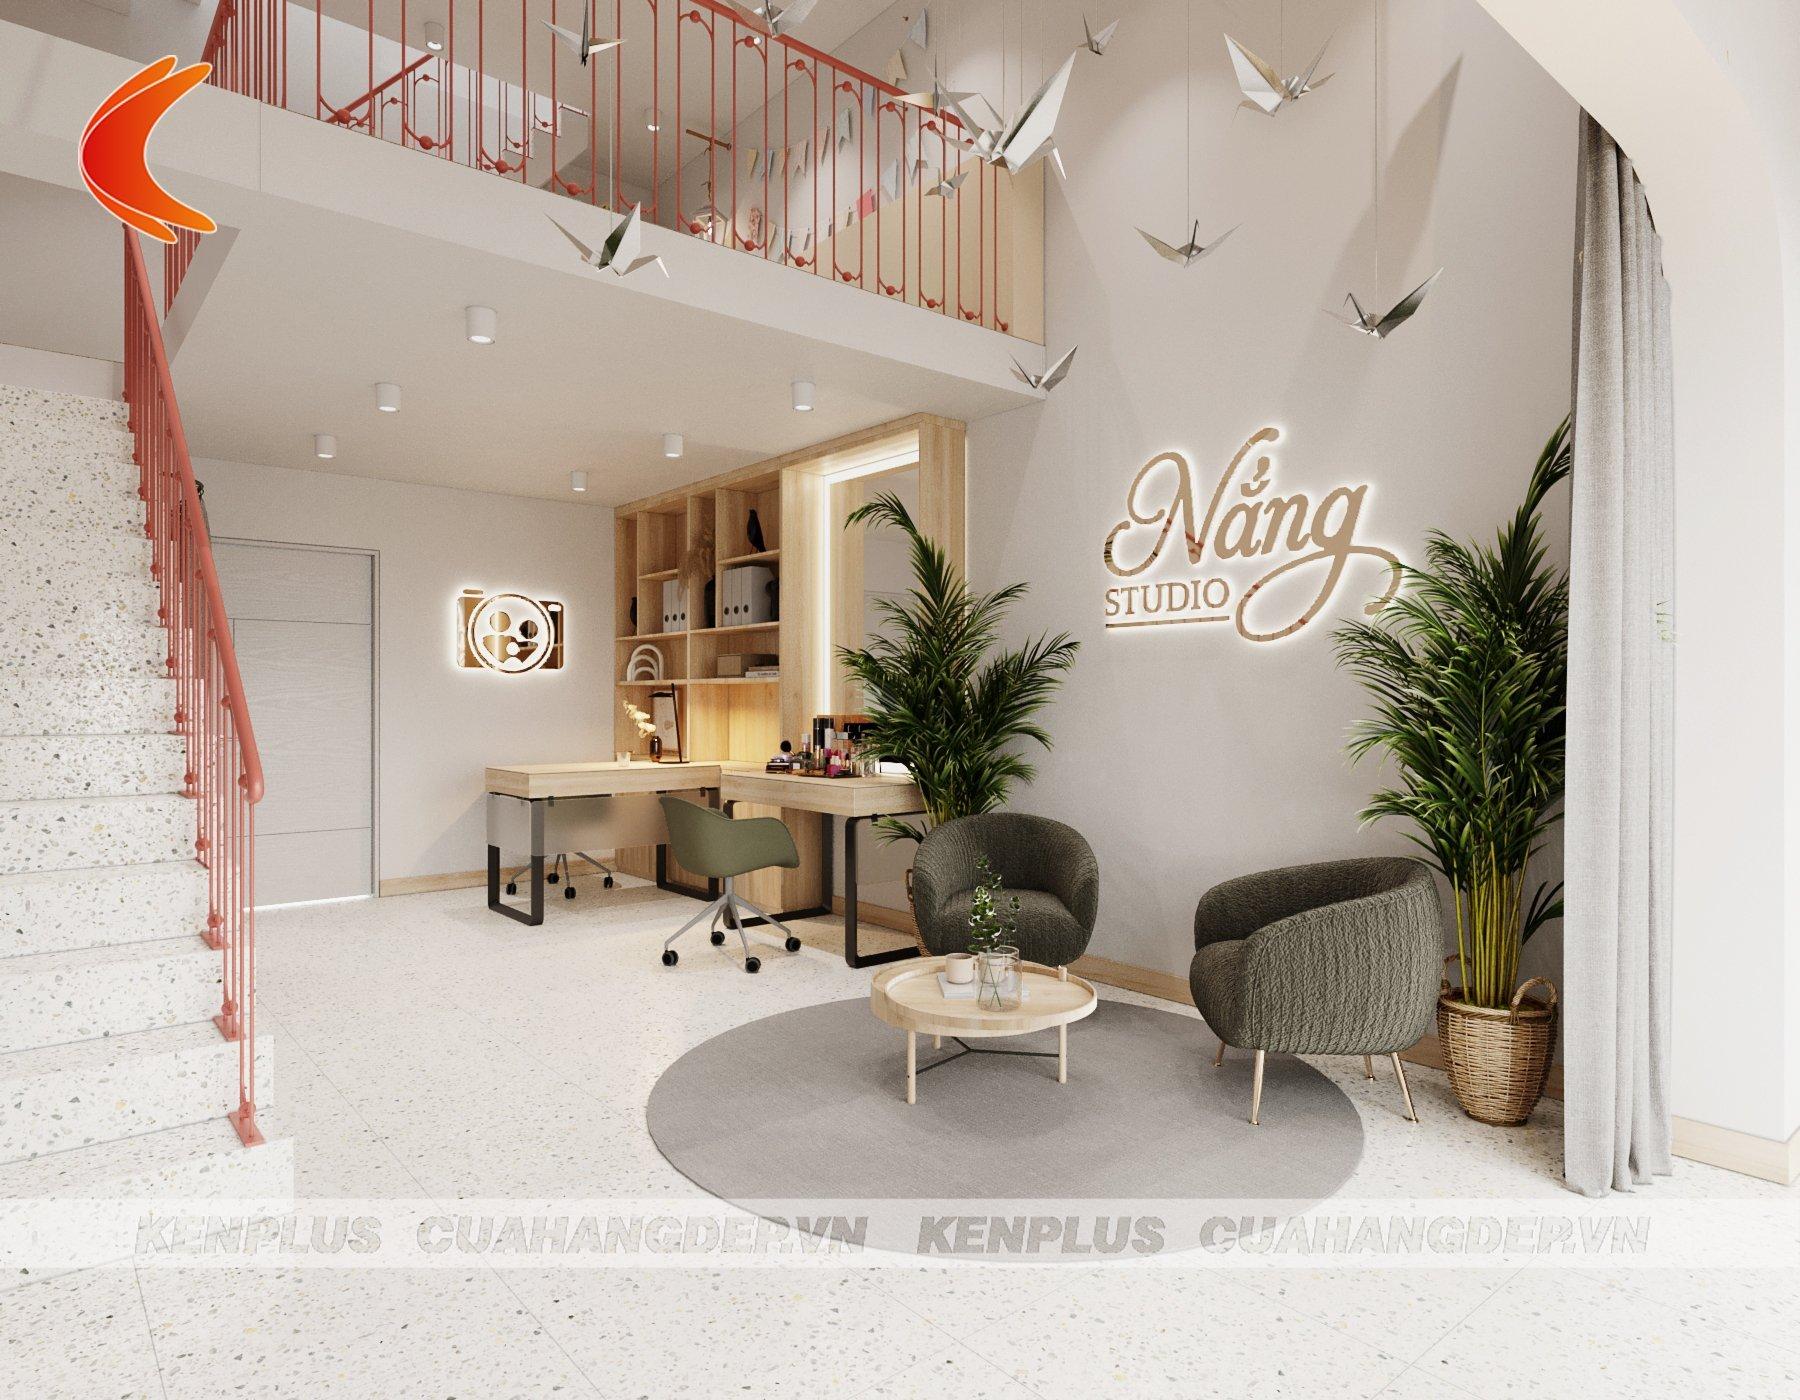 thiết kế tầng 1 Nắng Studio